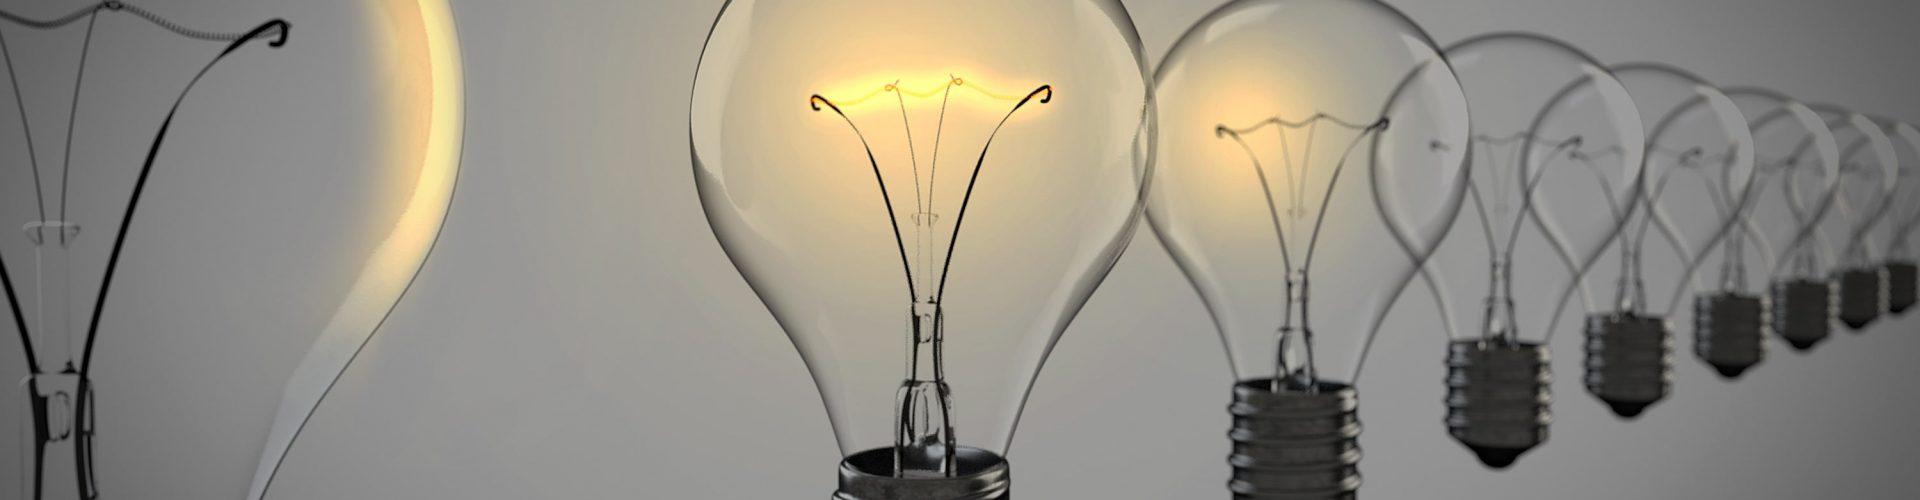 Forniture luce e gas: le app che ti aiutano a spendere meno